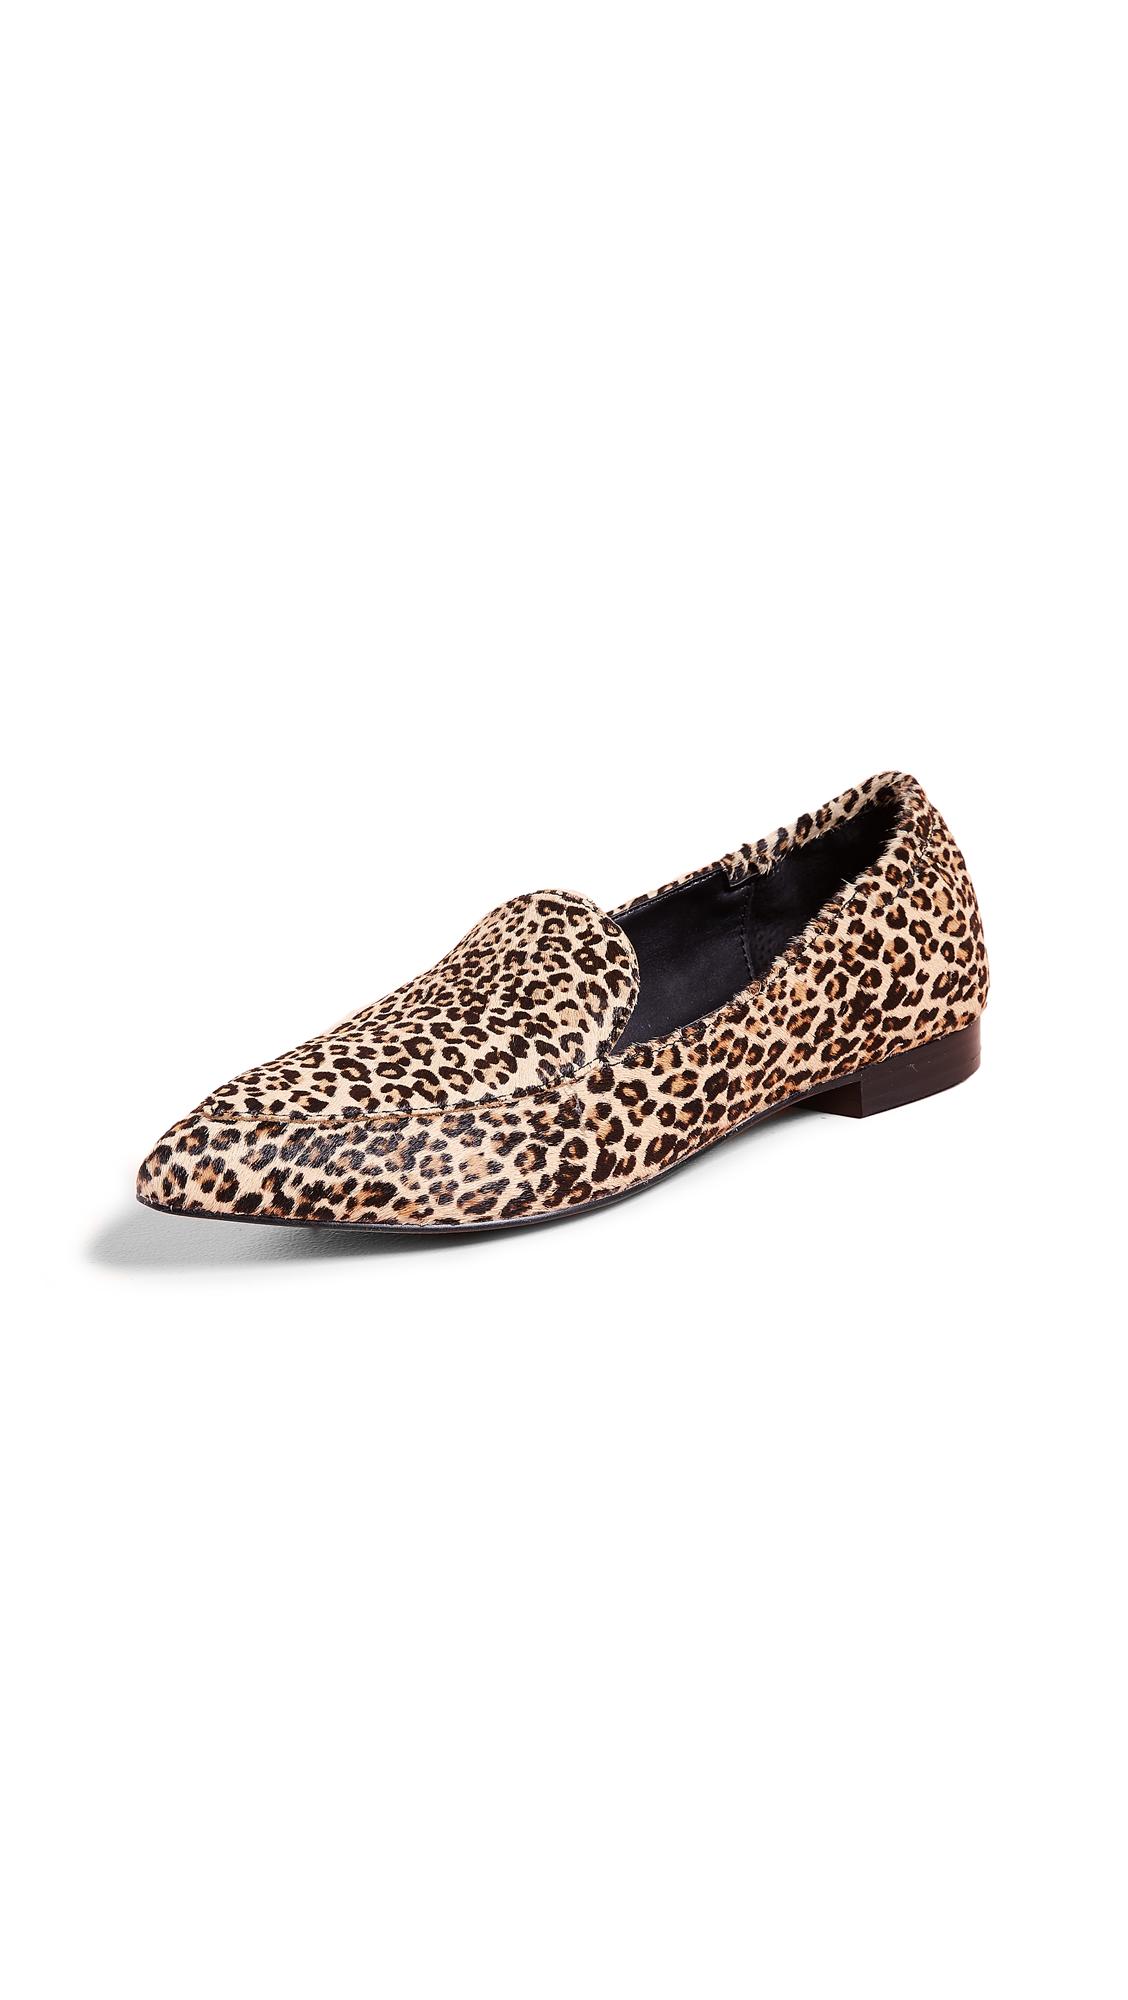 Dolce Vita Wanita Point Toe Loafers In Leopard